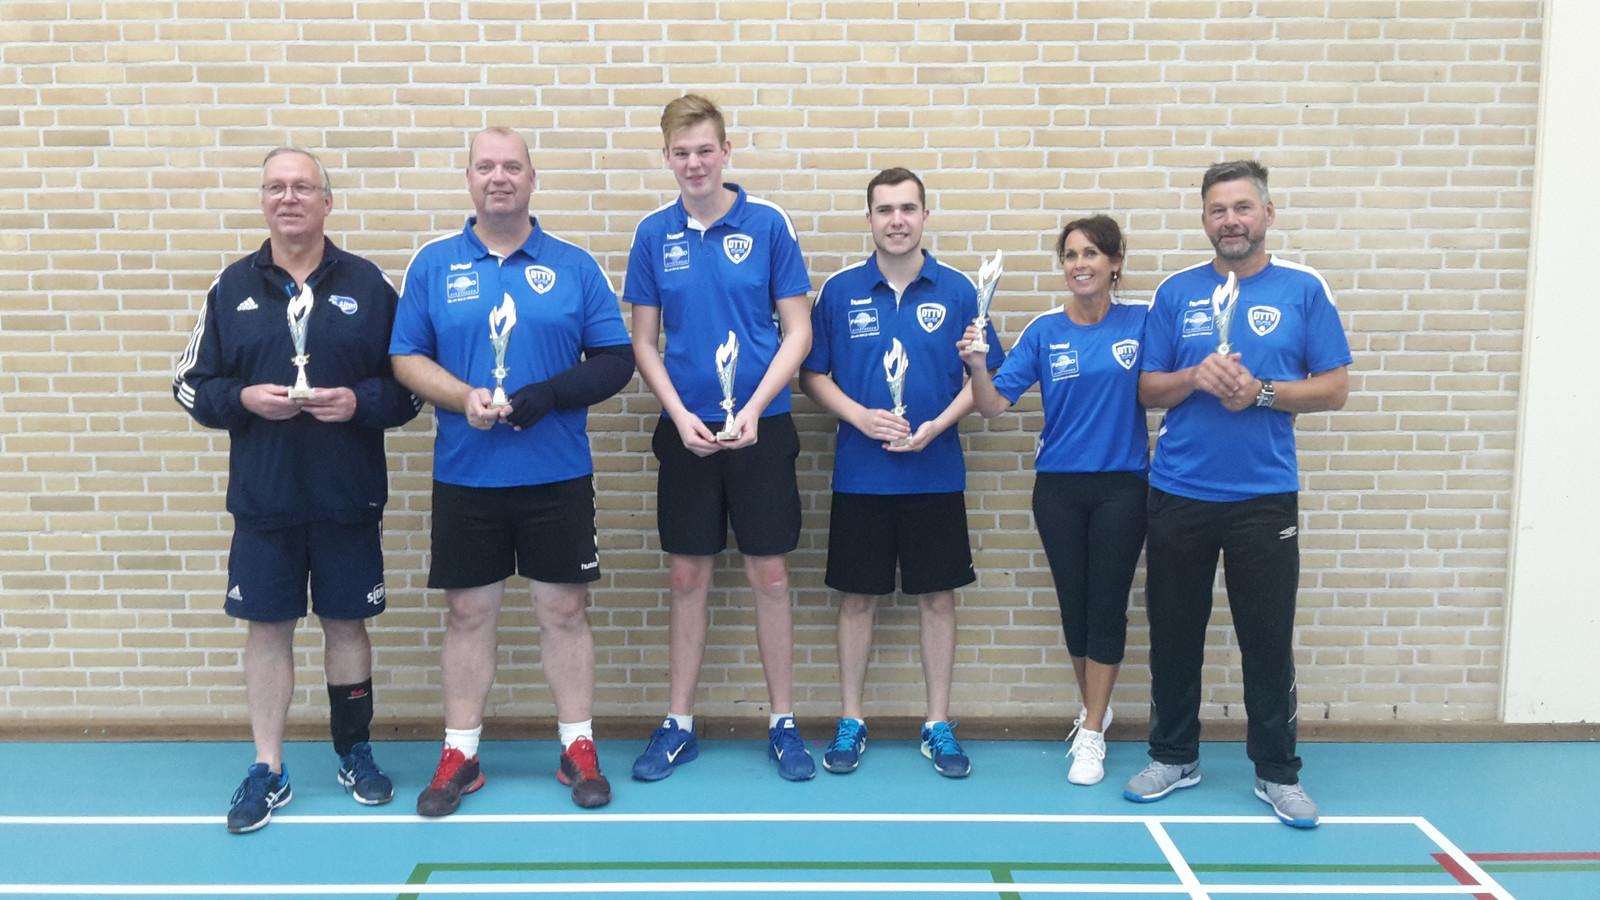 De winnaars op een rij, v.l.n.r.: Harrie Breuker (LITAC), Bert Liefers, Nino Jansen, Nick Heuvink, Inge Ruiter en Ben Ruiter (allen TTV Wijhe).